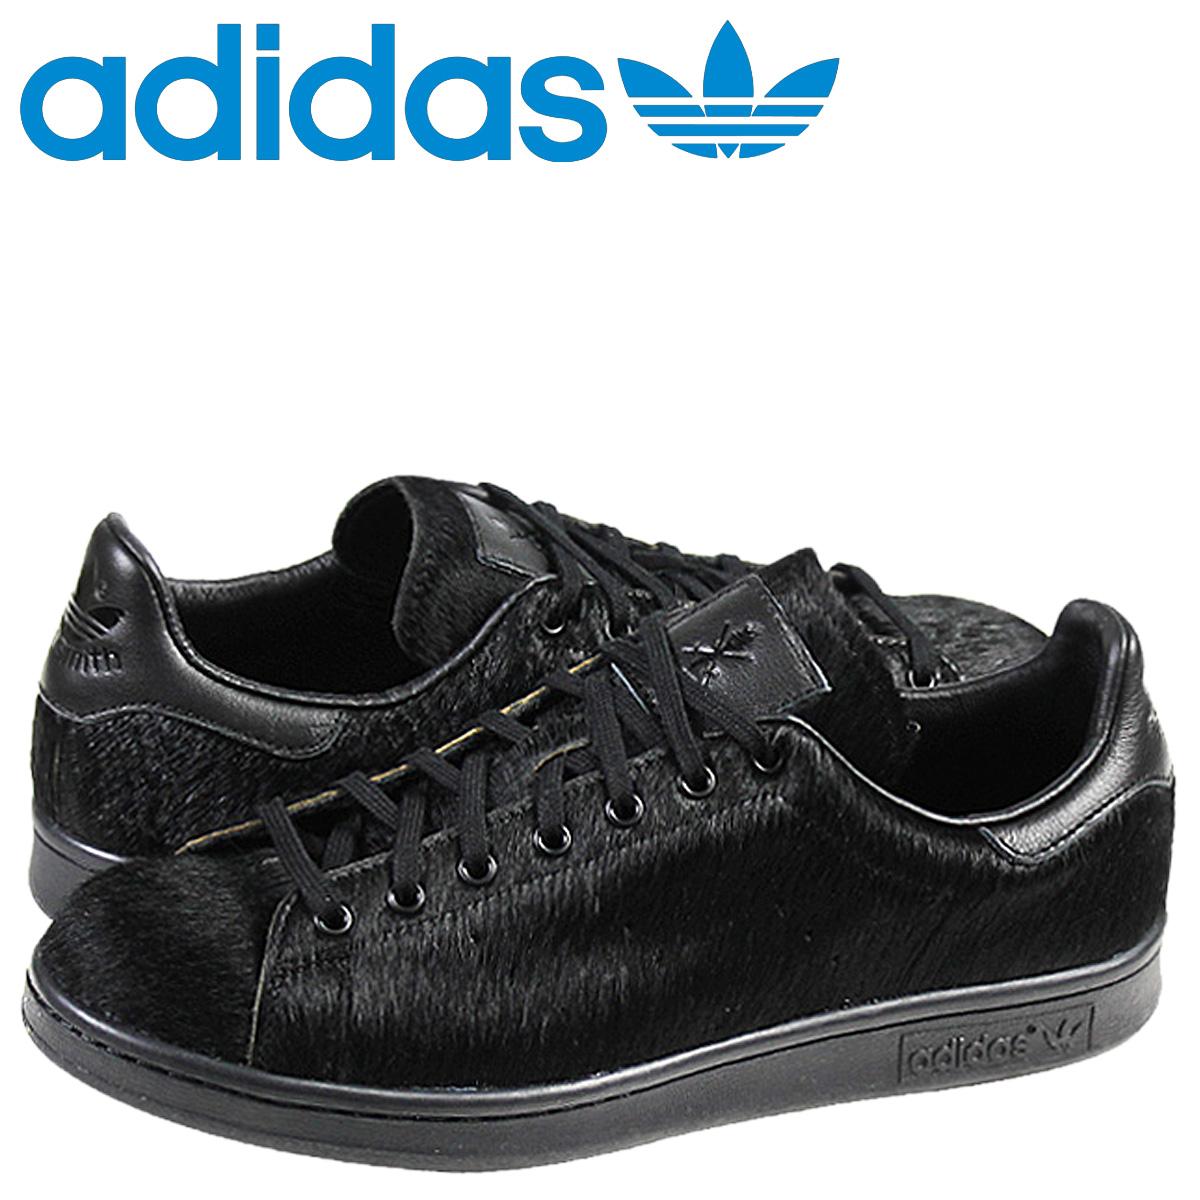 Originals Originals× Shop Adidas 2 Point Online Sugar X A6w88q